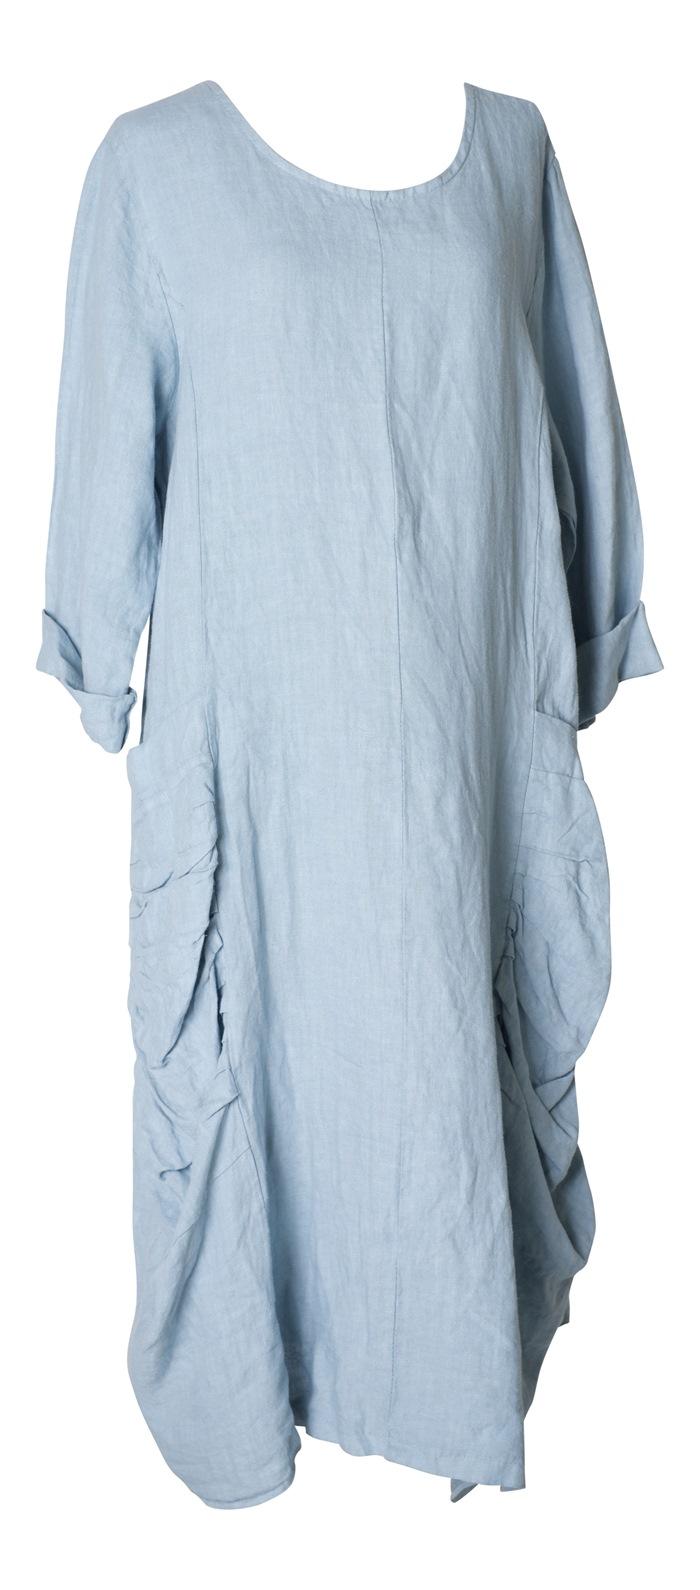 Kraftig hør kjole m/lommer, Lysegrå str. M